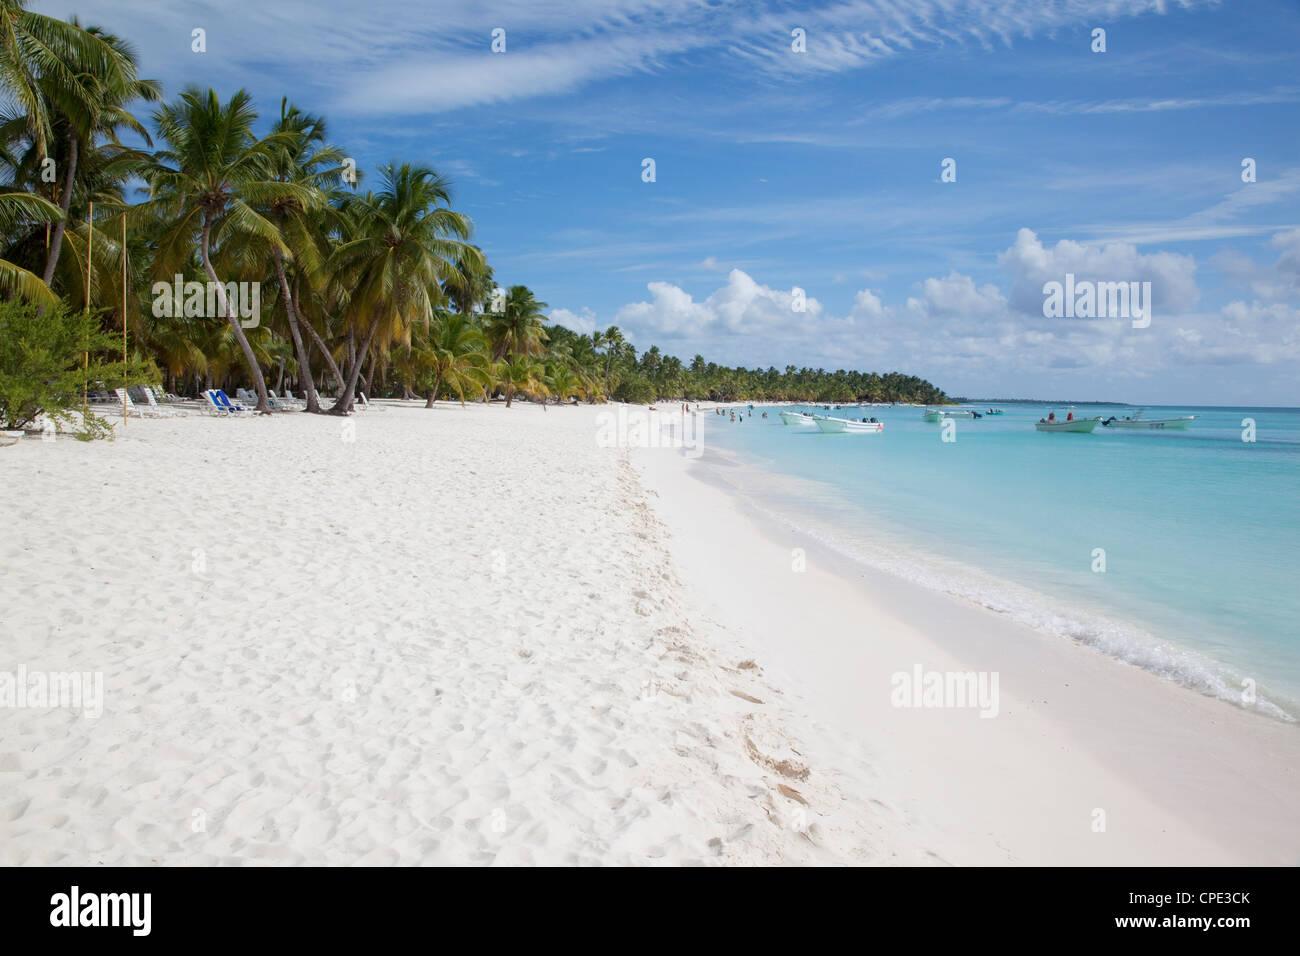 La Isla Saona, República Dominicana, Antillas, Caribe, América Central Imagen De Stock